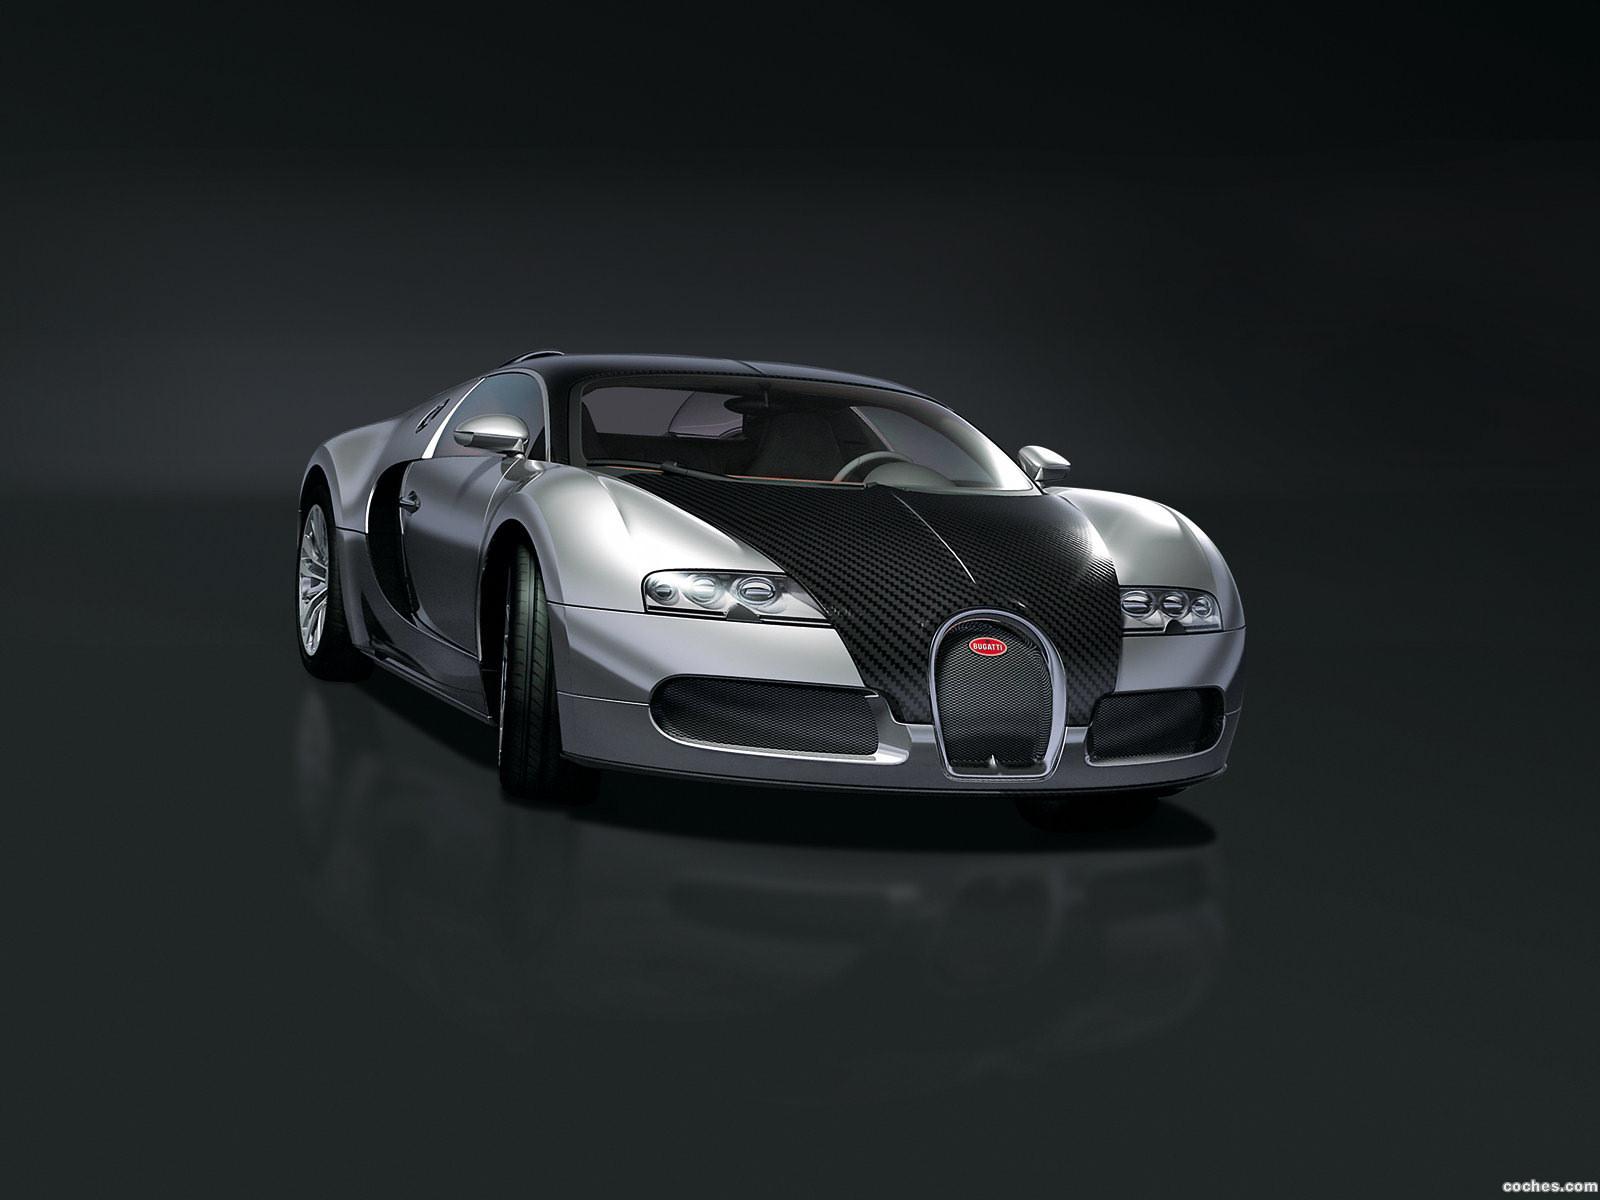 Foto 0 de Bugatti Veyron Pur Sang 2007